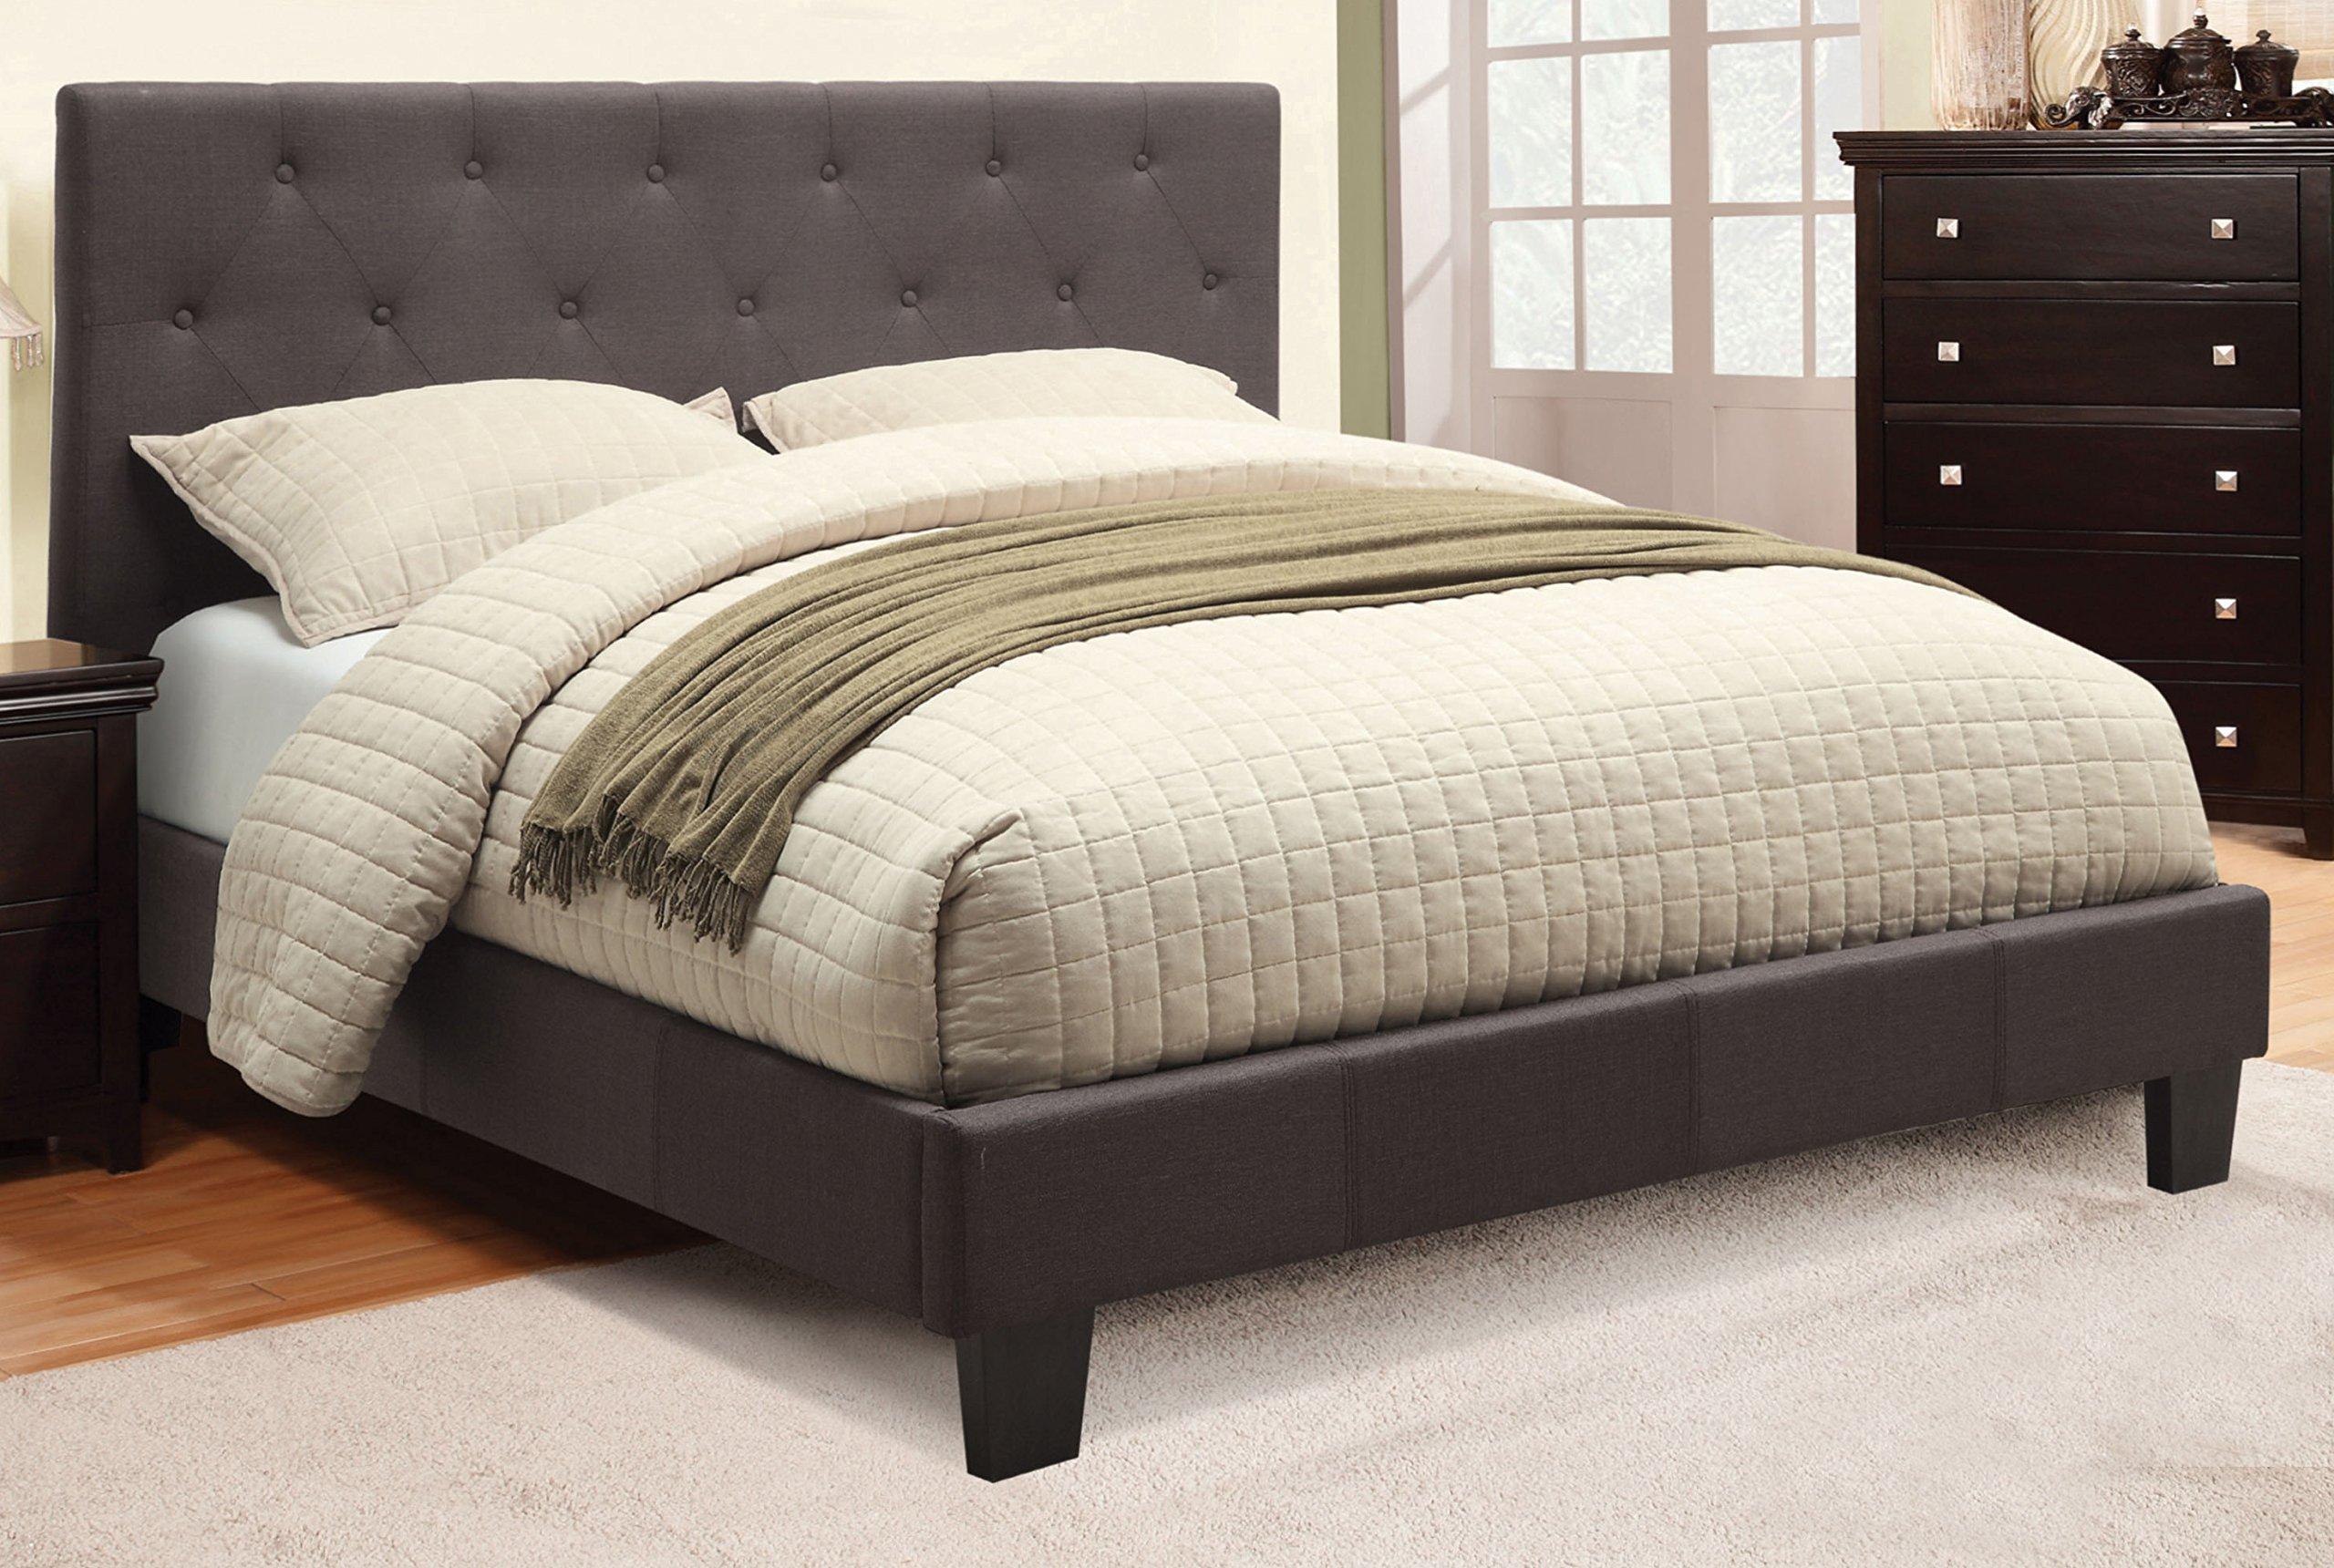 eastern king bed. Black Bedroom Furniture Sets. Home Design Ideas